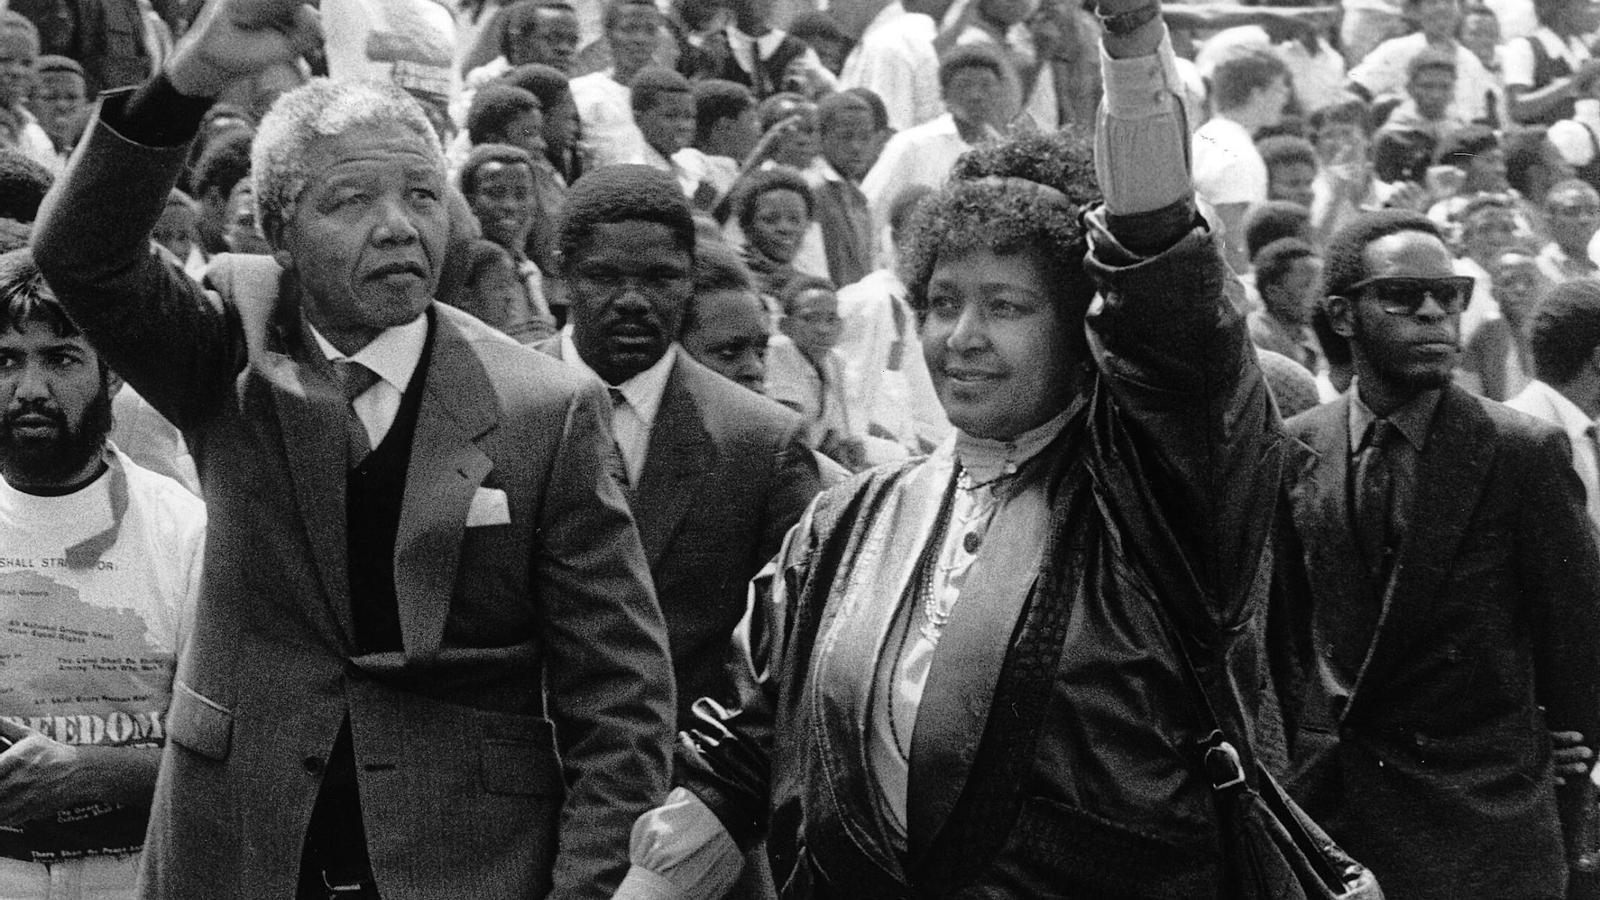 Nelson i Winnie Mandela caminant entre la multitud que esperava l'activista a la sortida de la presó Victor Verster l'11 de febrer del 1990